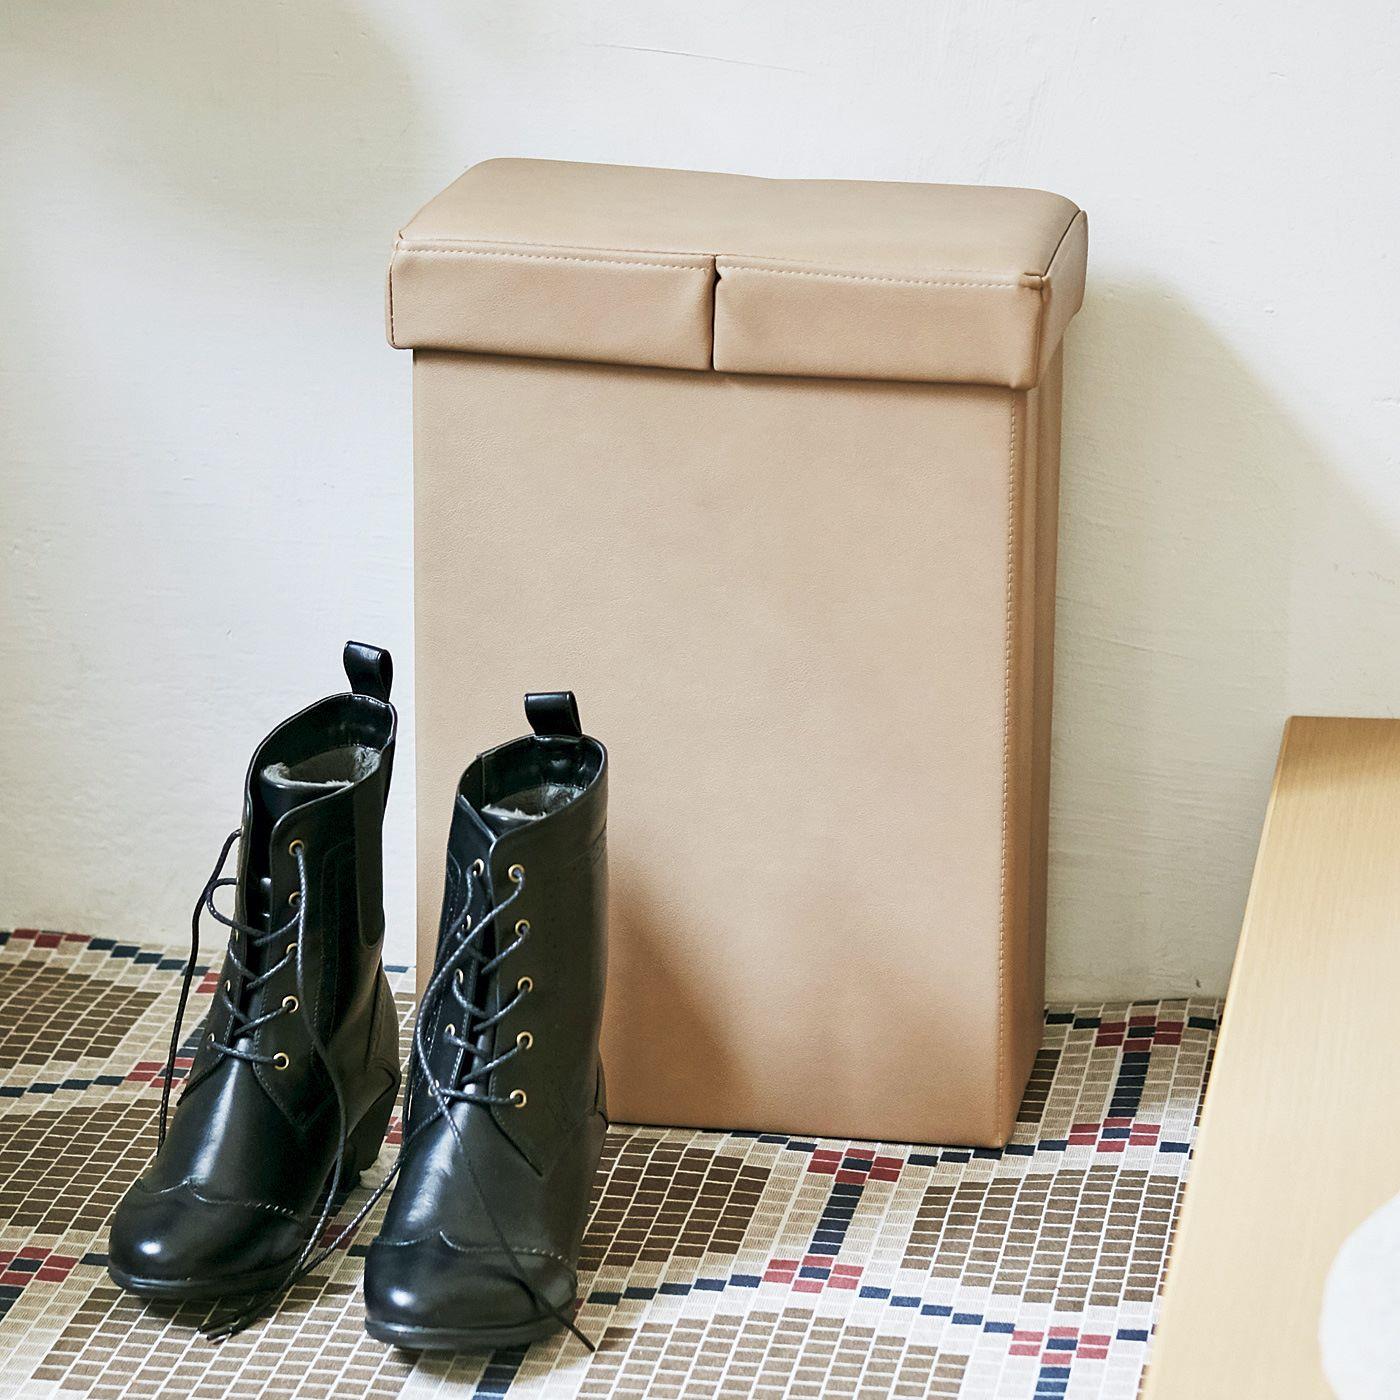 フェリシモ 片手で開けられる スリムなスツールボックス〈アースカラー〉の会